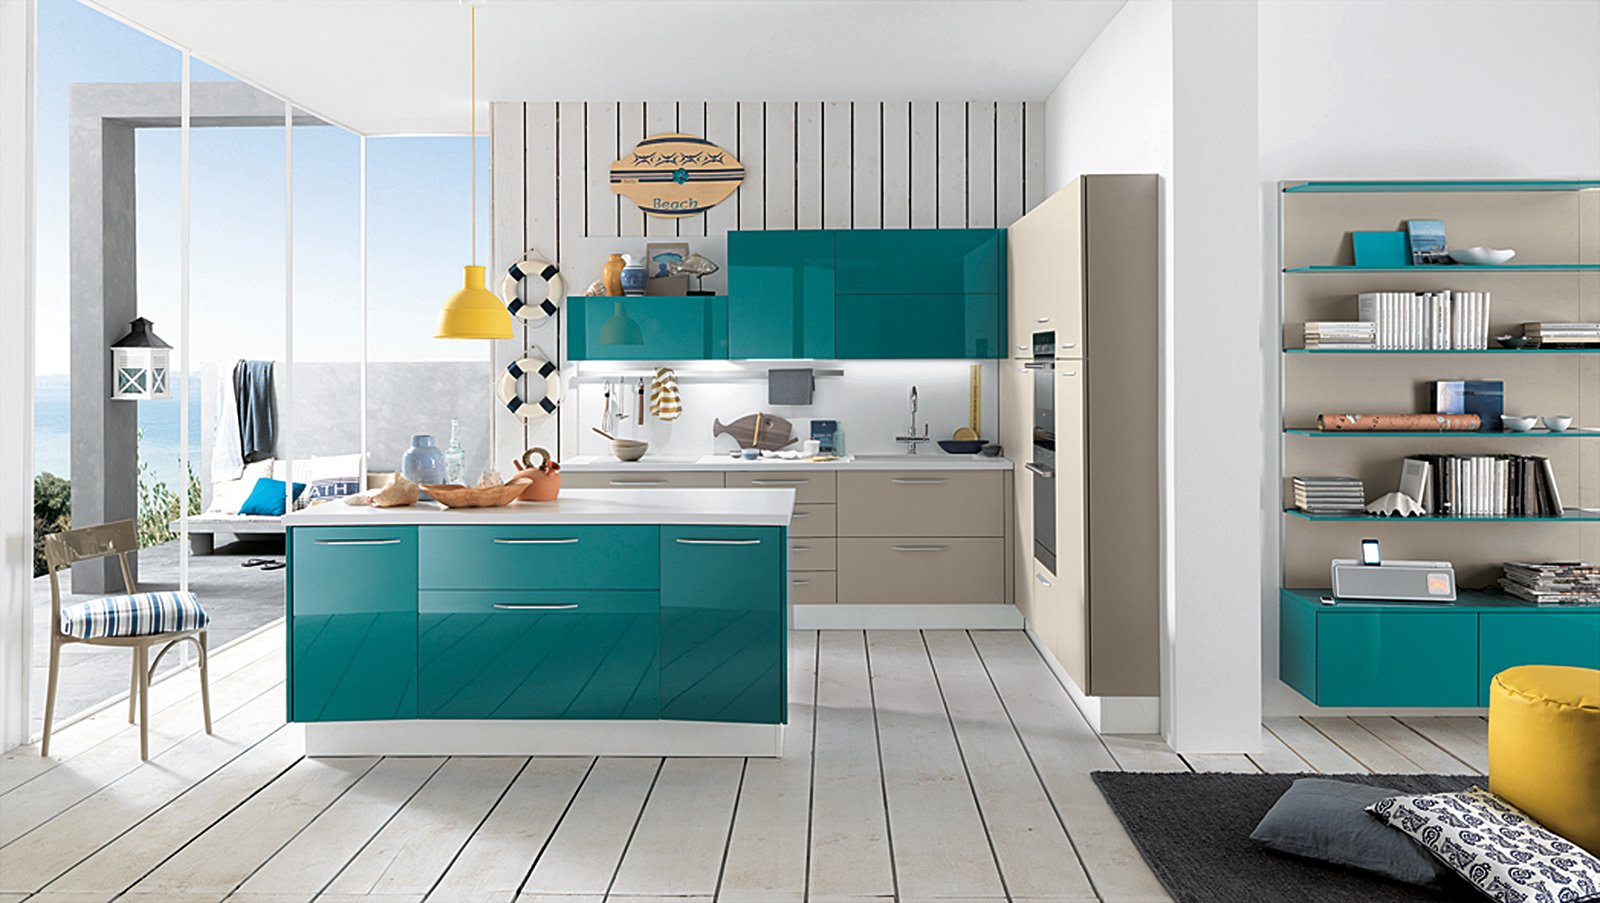 La cucina colorata un guizzo di vitalit cose di casa - Pitturare mobili cucina ...